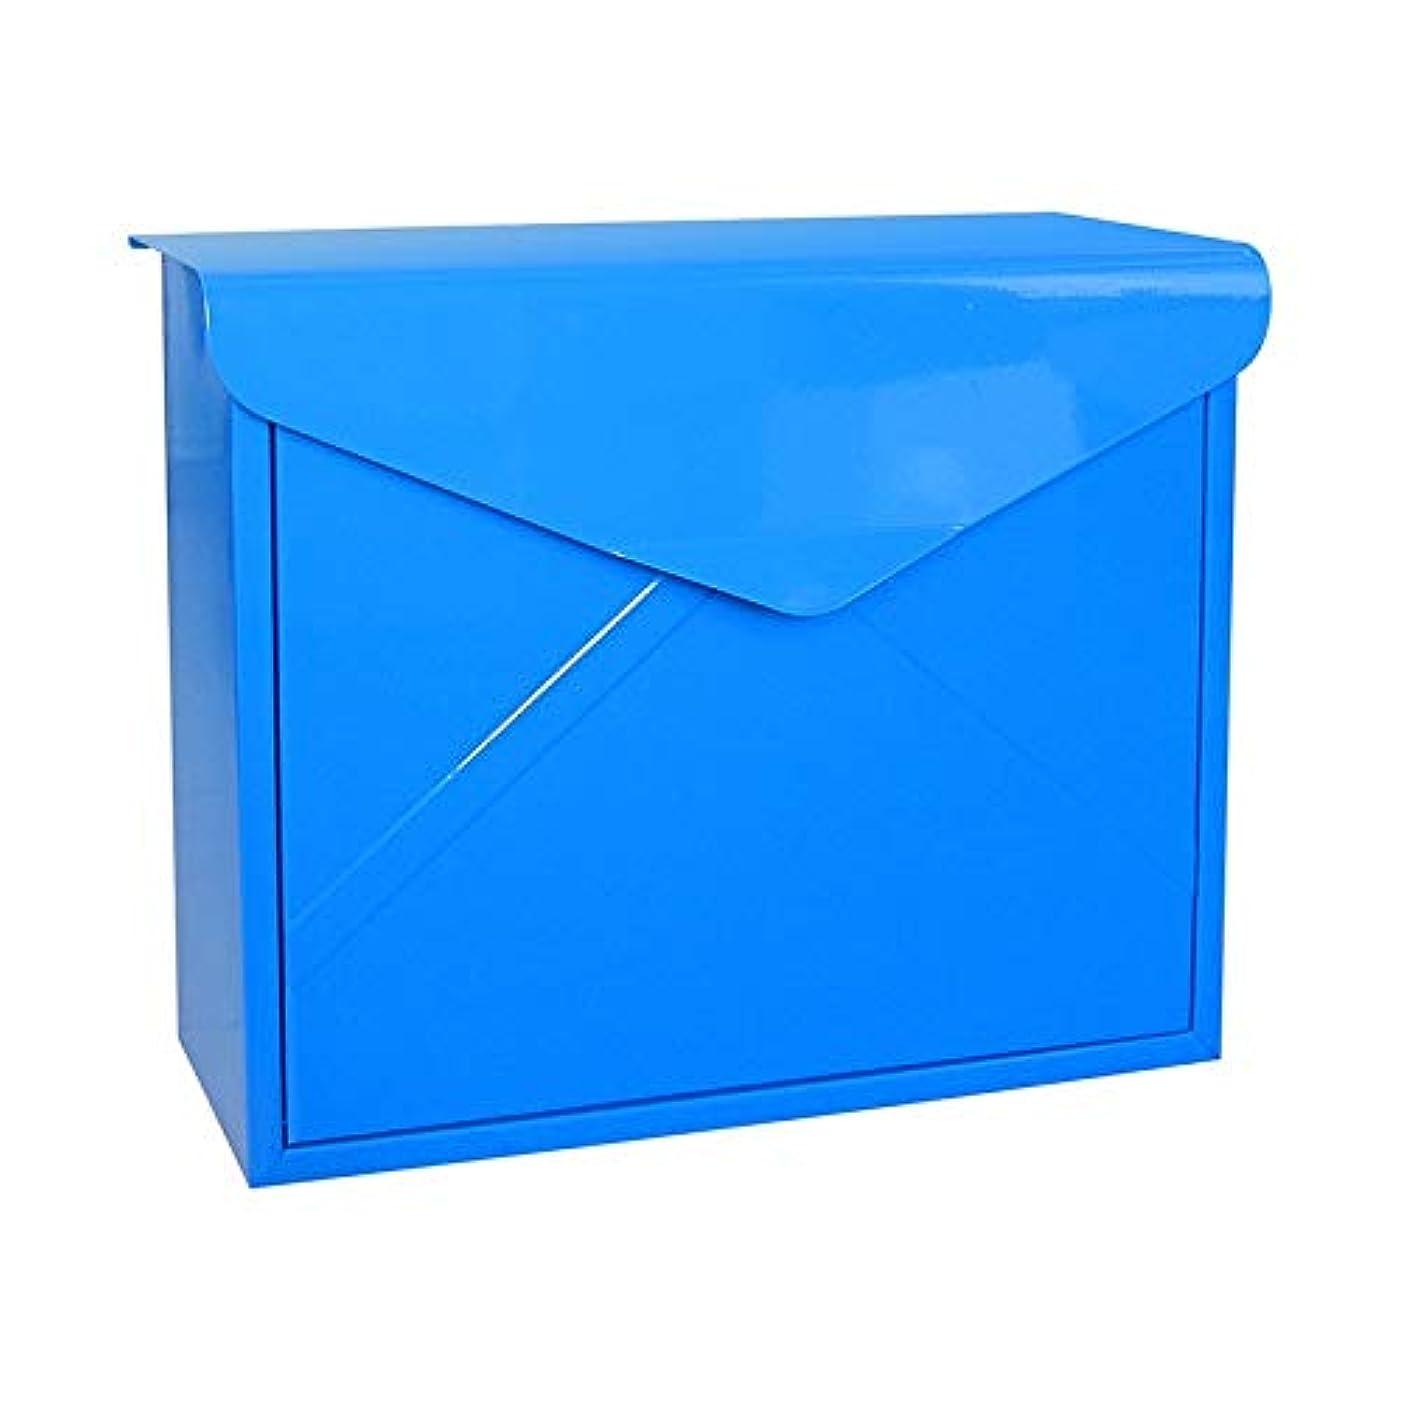 ブレーク支出政治的壁に取り付けられた郵便箱、屋外のロックできる鉄のレターボックス (色 : 青)